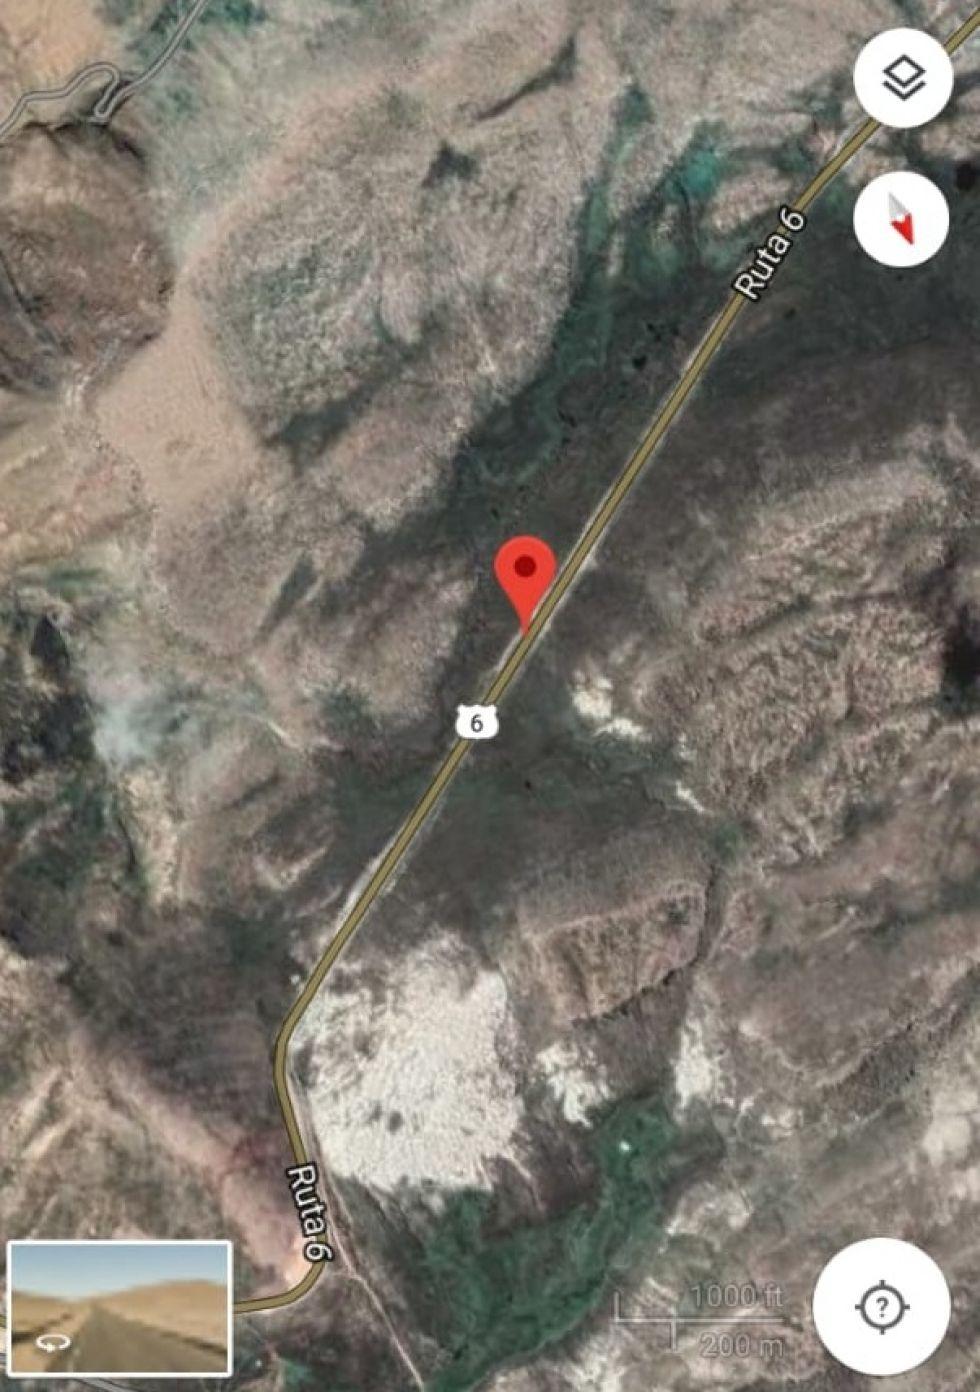 Fue en la ruta Huanuni - llallagua